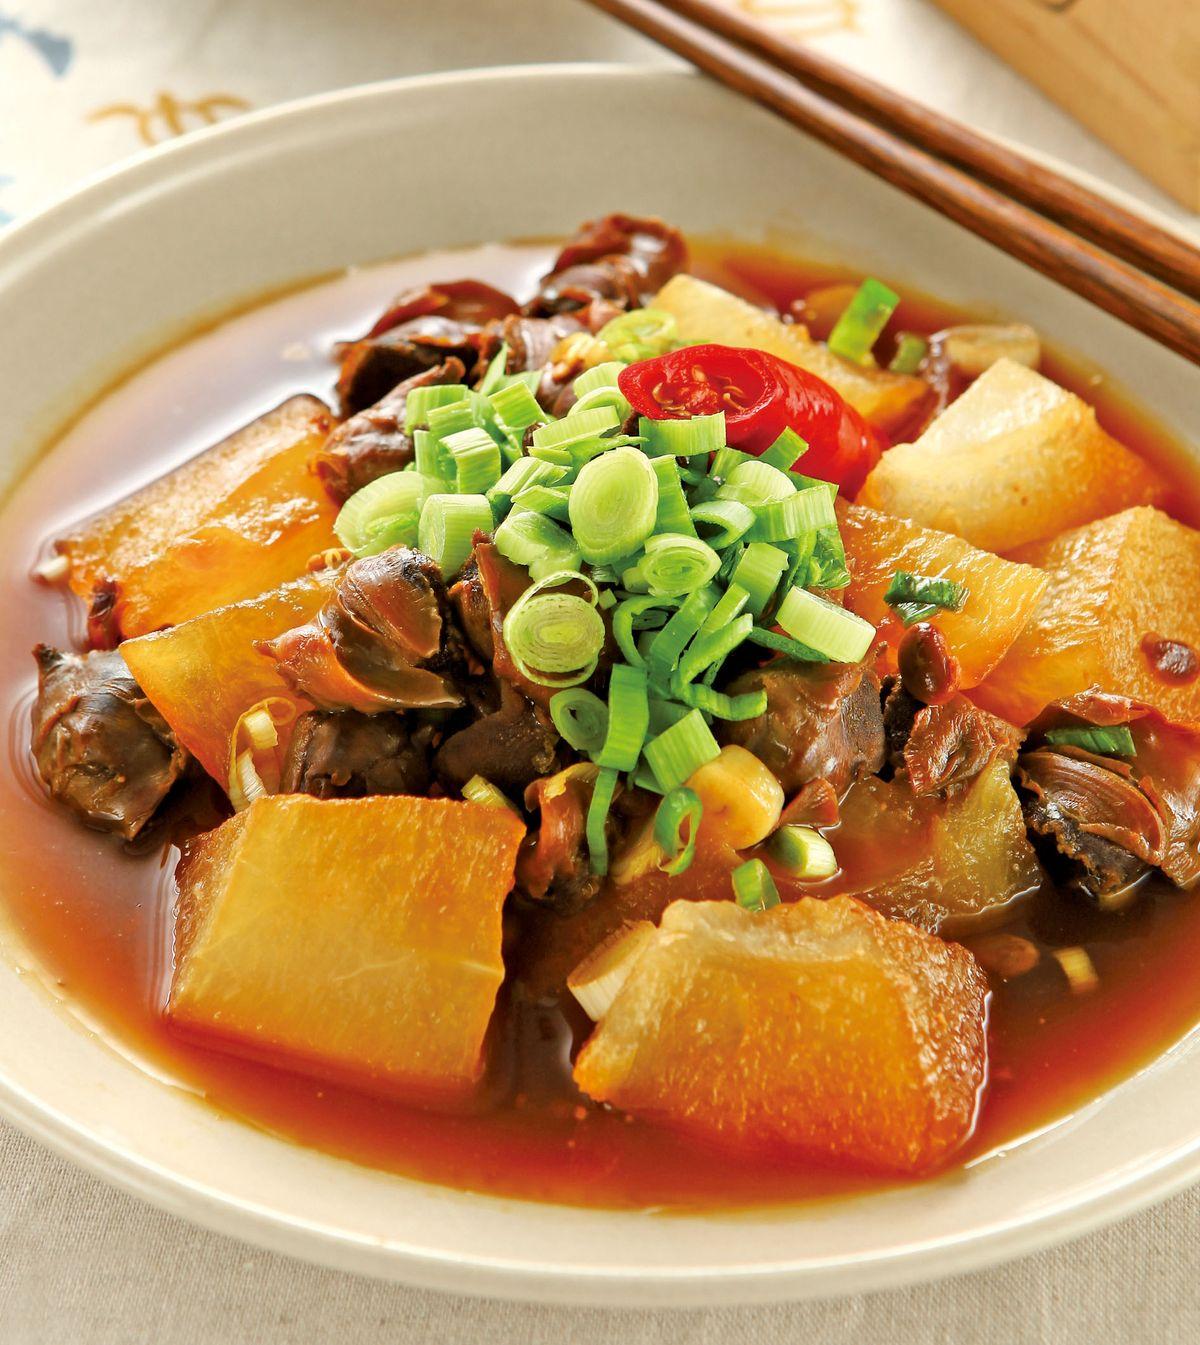 食譜:蒜苗螺肉燴冬瓜